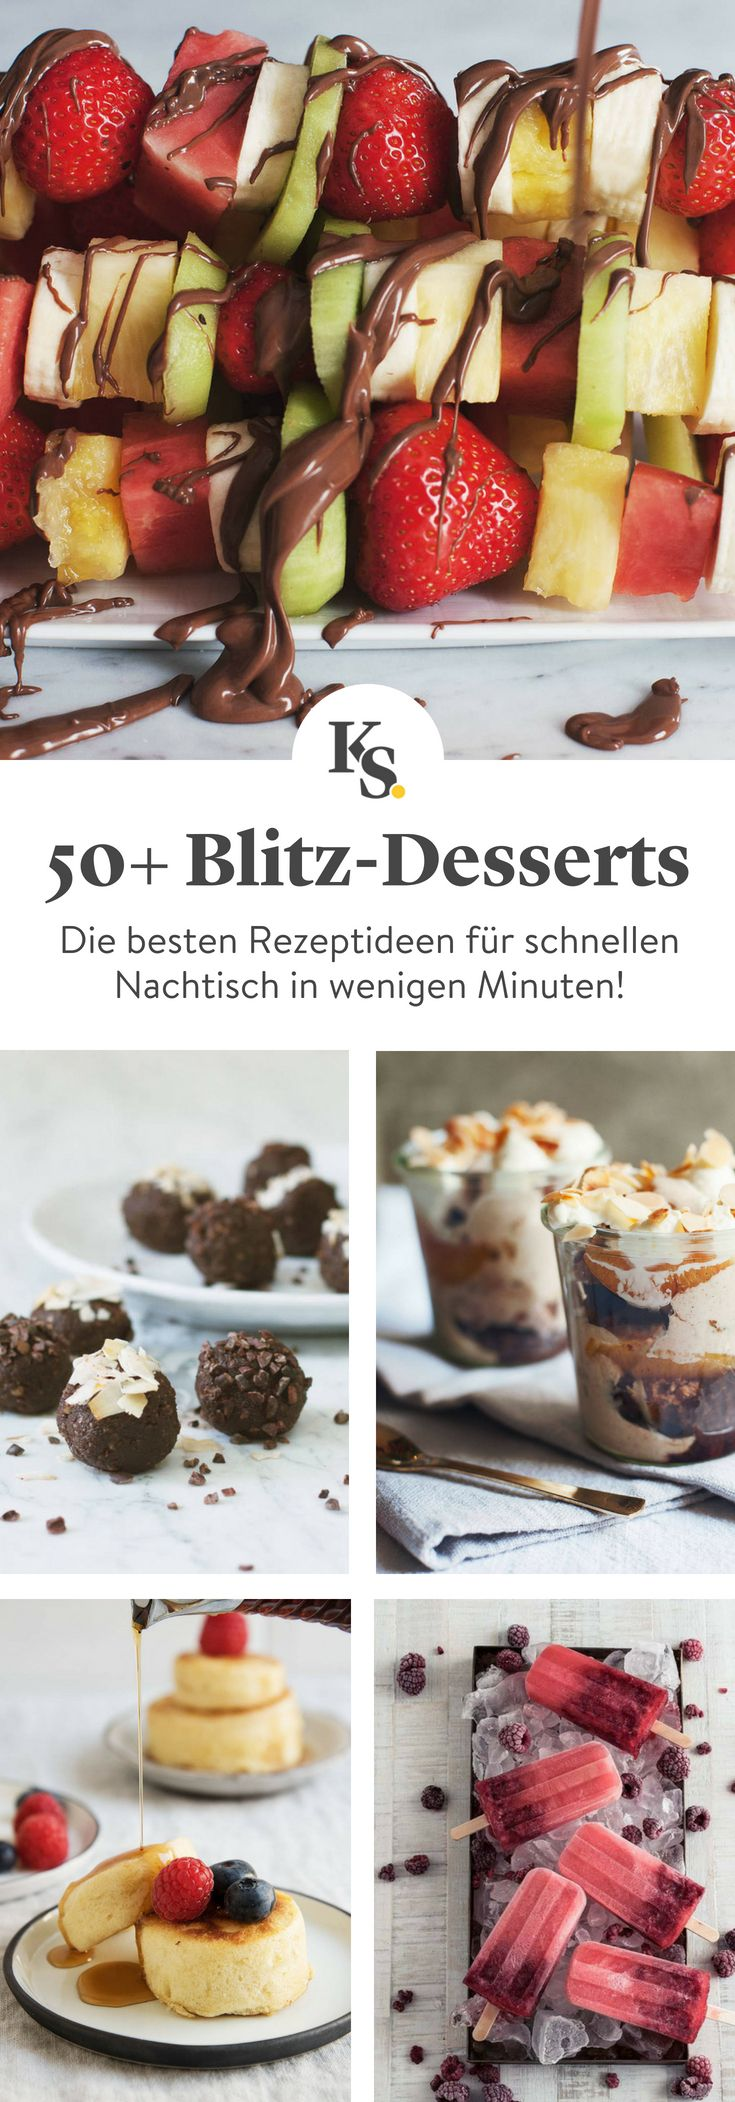 #Nachtisch geht ja bekanntlich immer – besonders wenn er so #schnell geht! Diese #Dessert Ideen sind nicht nur blitzschnell, sondern auch wahnsinnig lecker. Ob #Kuchen #Kekse #Pudding oder #Schokolad, bei dieser Auswahl wird garantiert jede Naschkatze fündig!